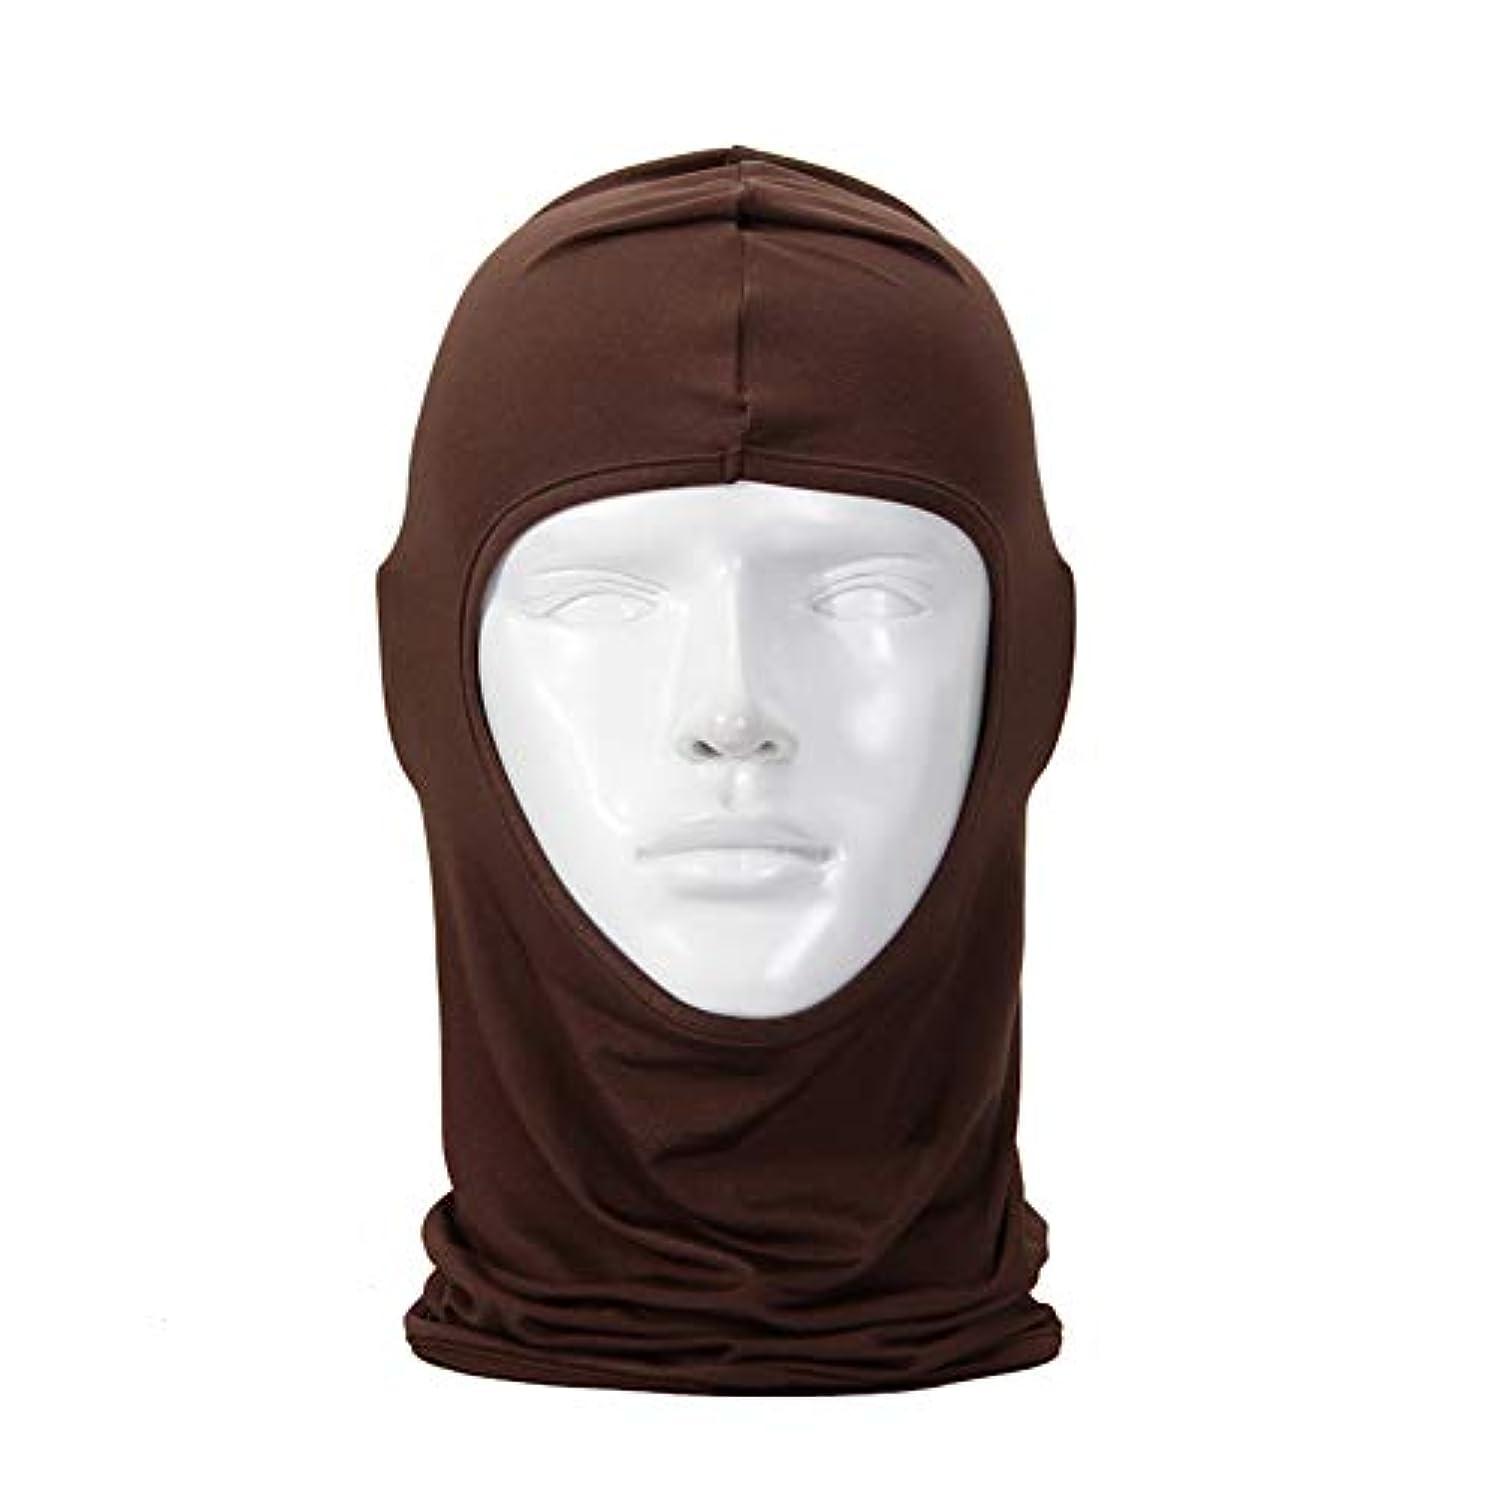 ウッズ繰り返した君主制マスクライディングオートバイ自転車屋外フードスカーフ男性と女性の顔マスクマスク防塵